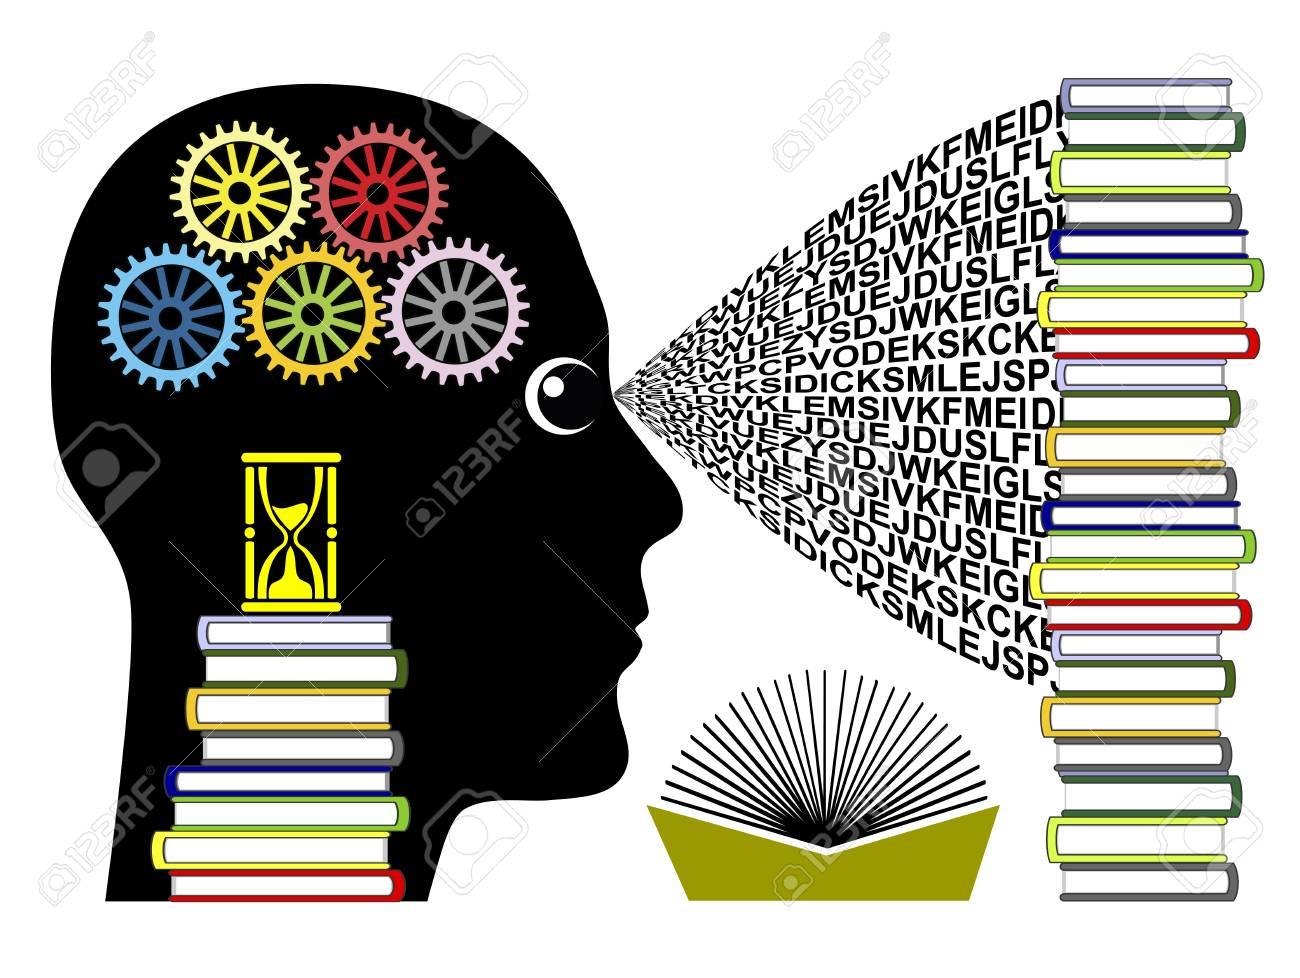 Cómo aprender a leer rápido? Taller técnicas de lectura rápida.